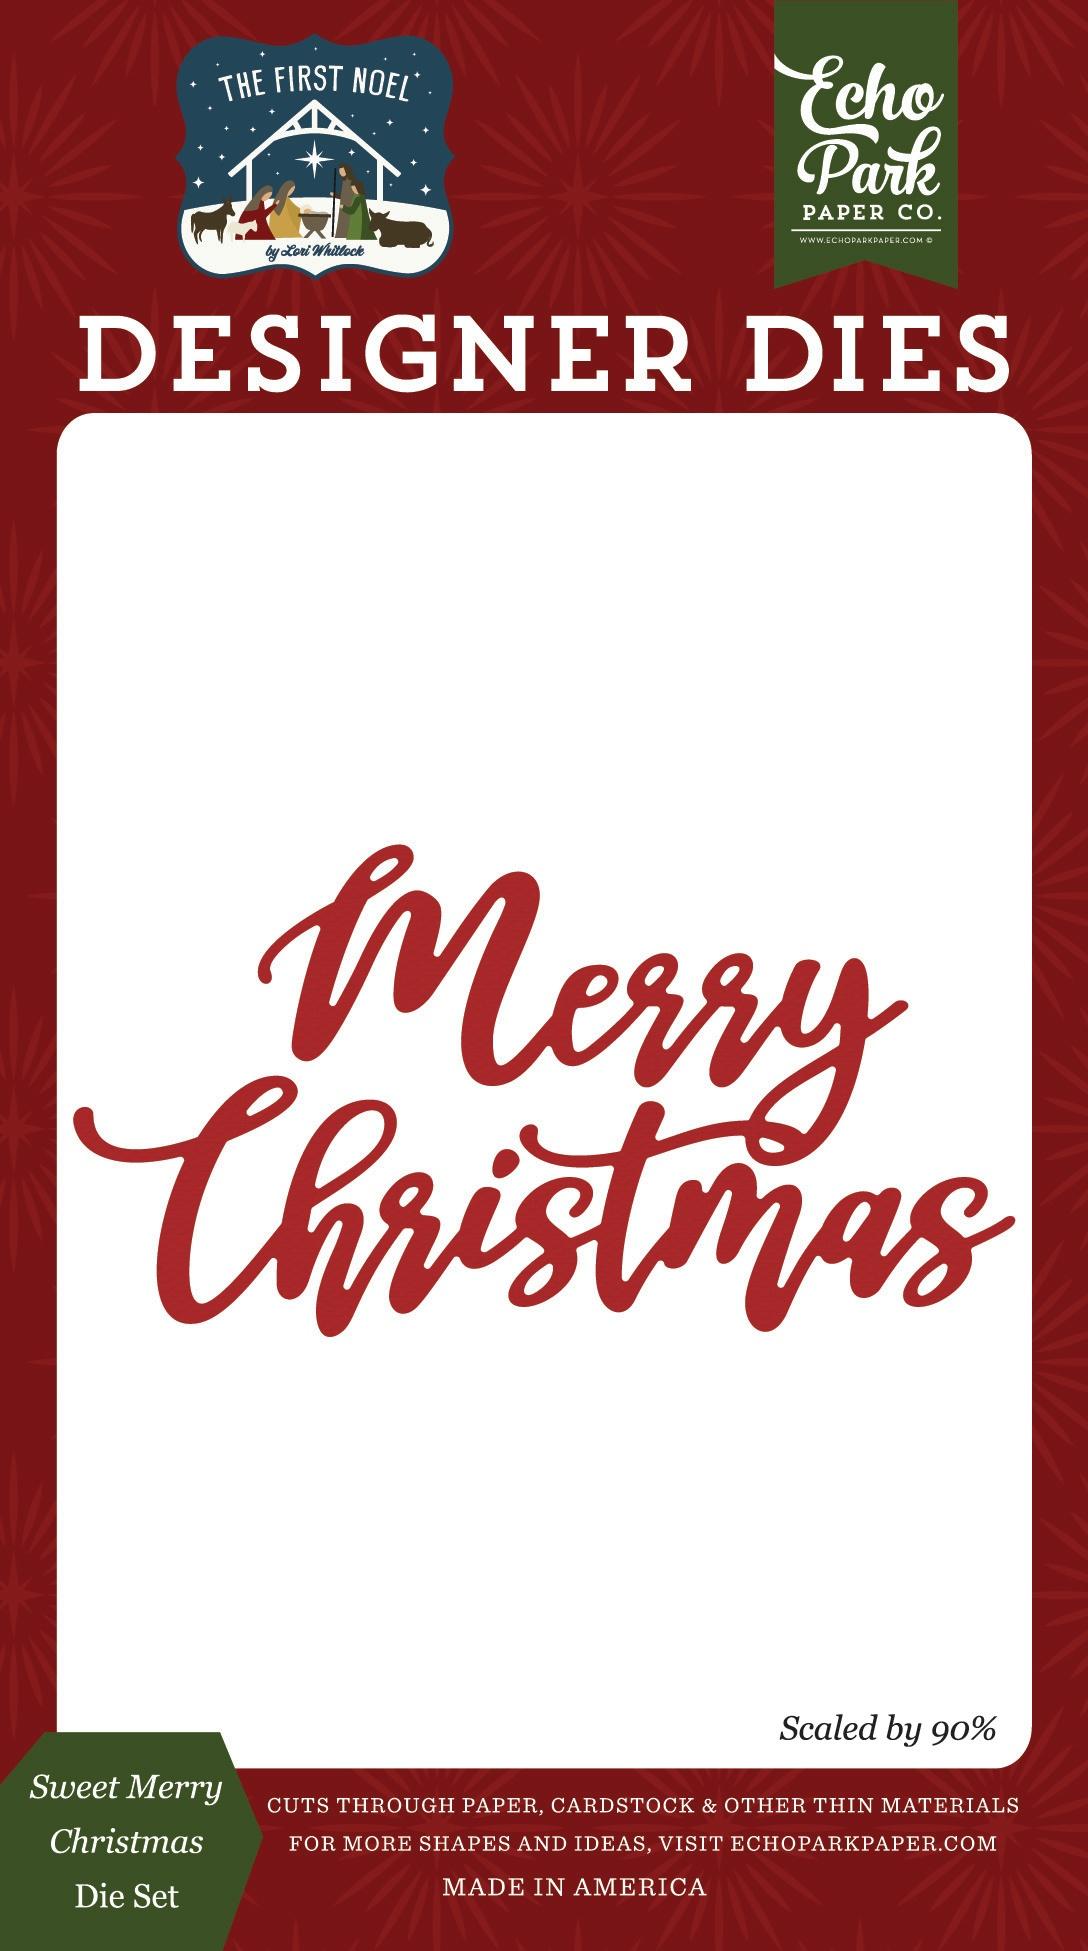 Sweet Merry Christmas Die